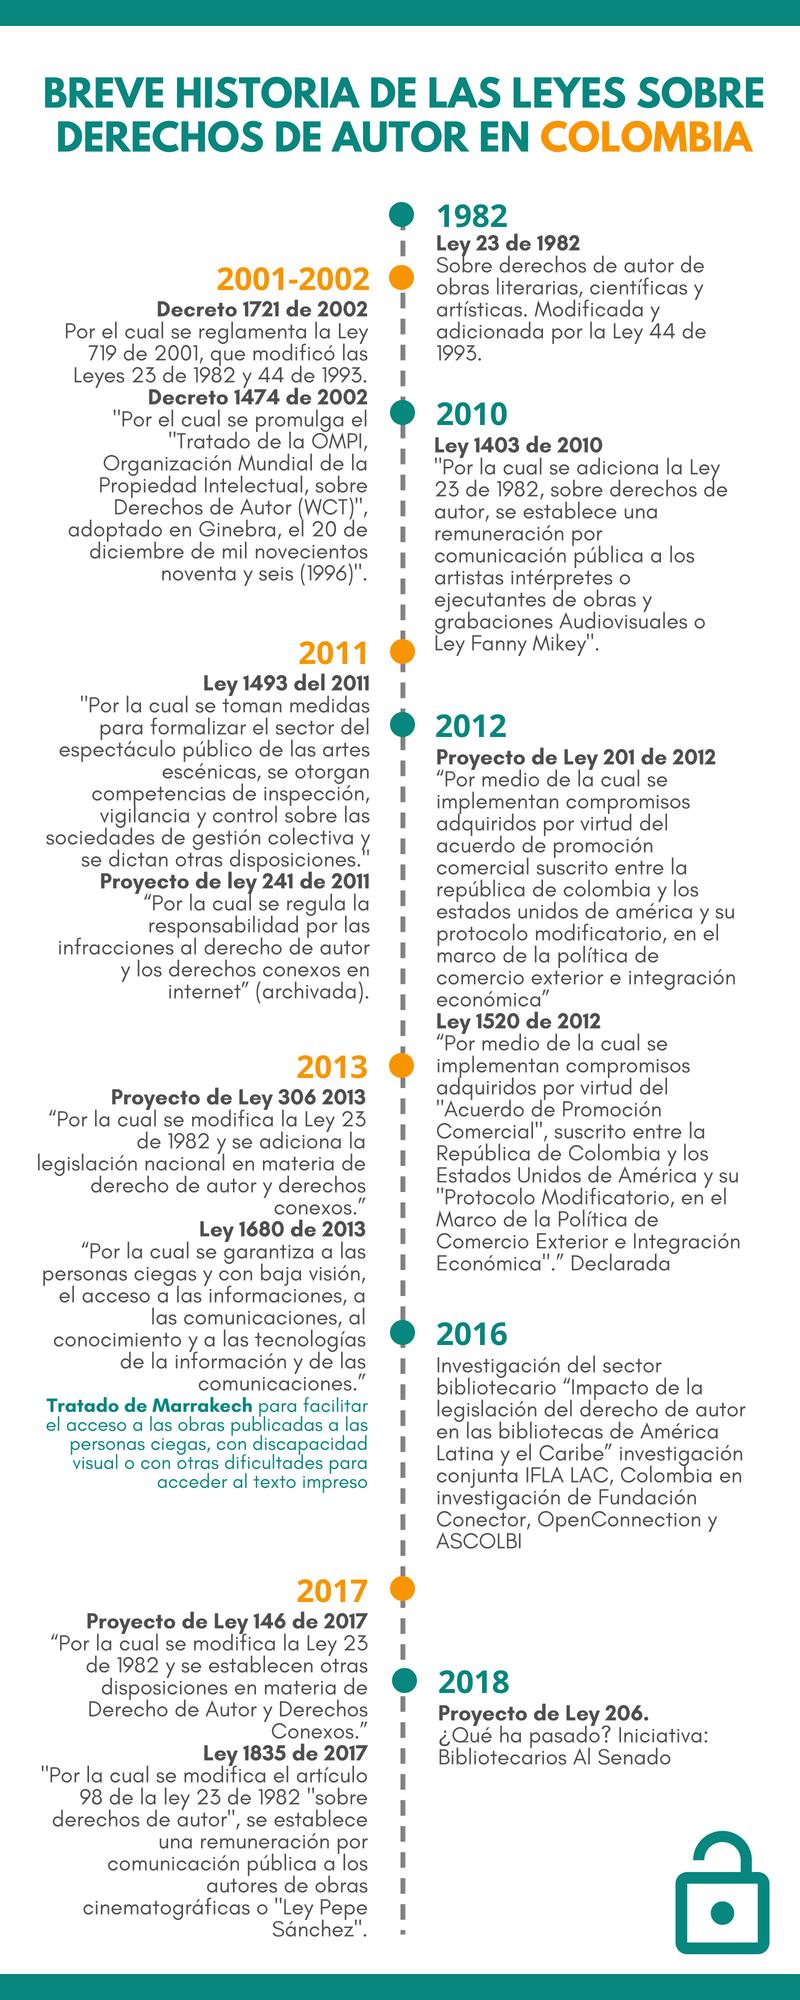 Breve historia de las leyes sobre derechos de autor en Colombia, por Jueves de ASEIBI